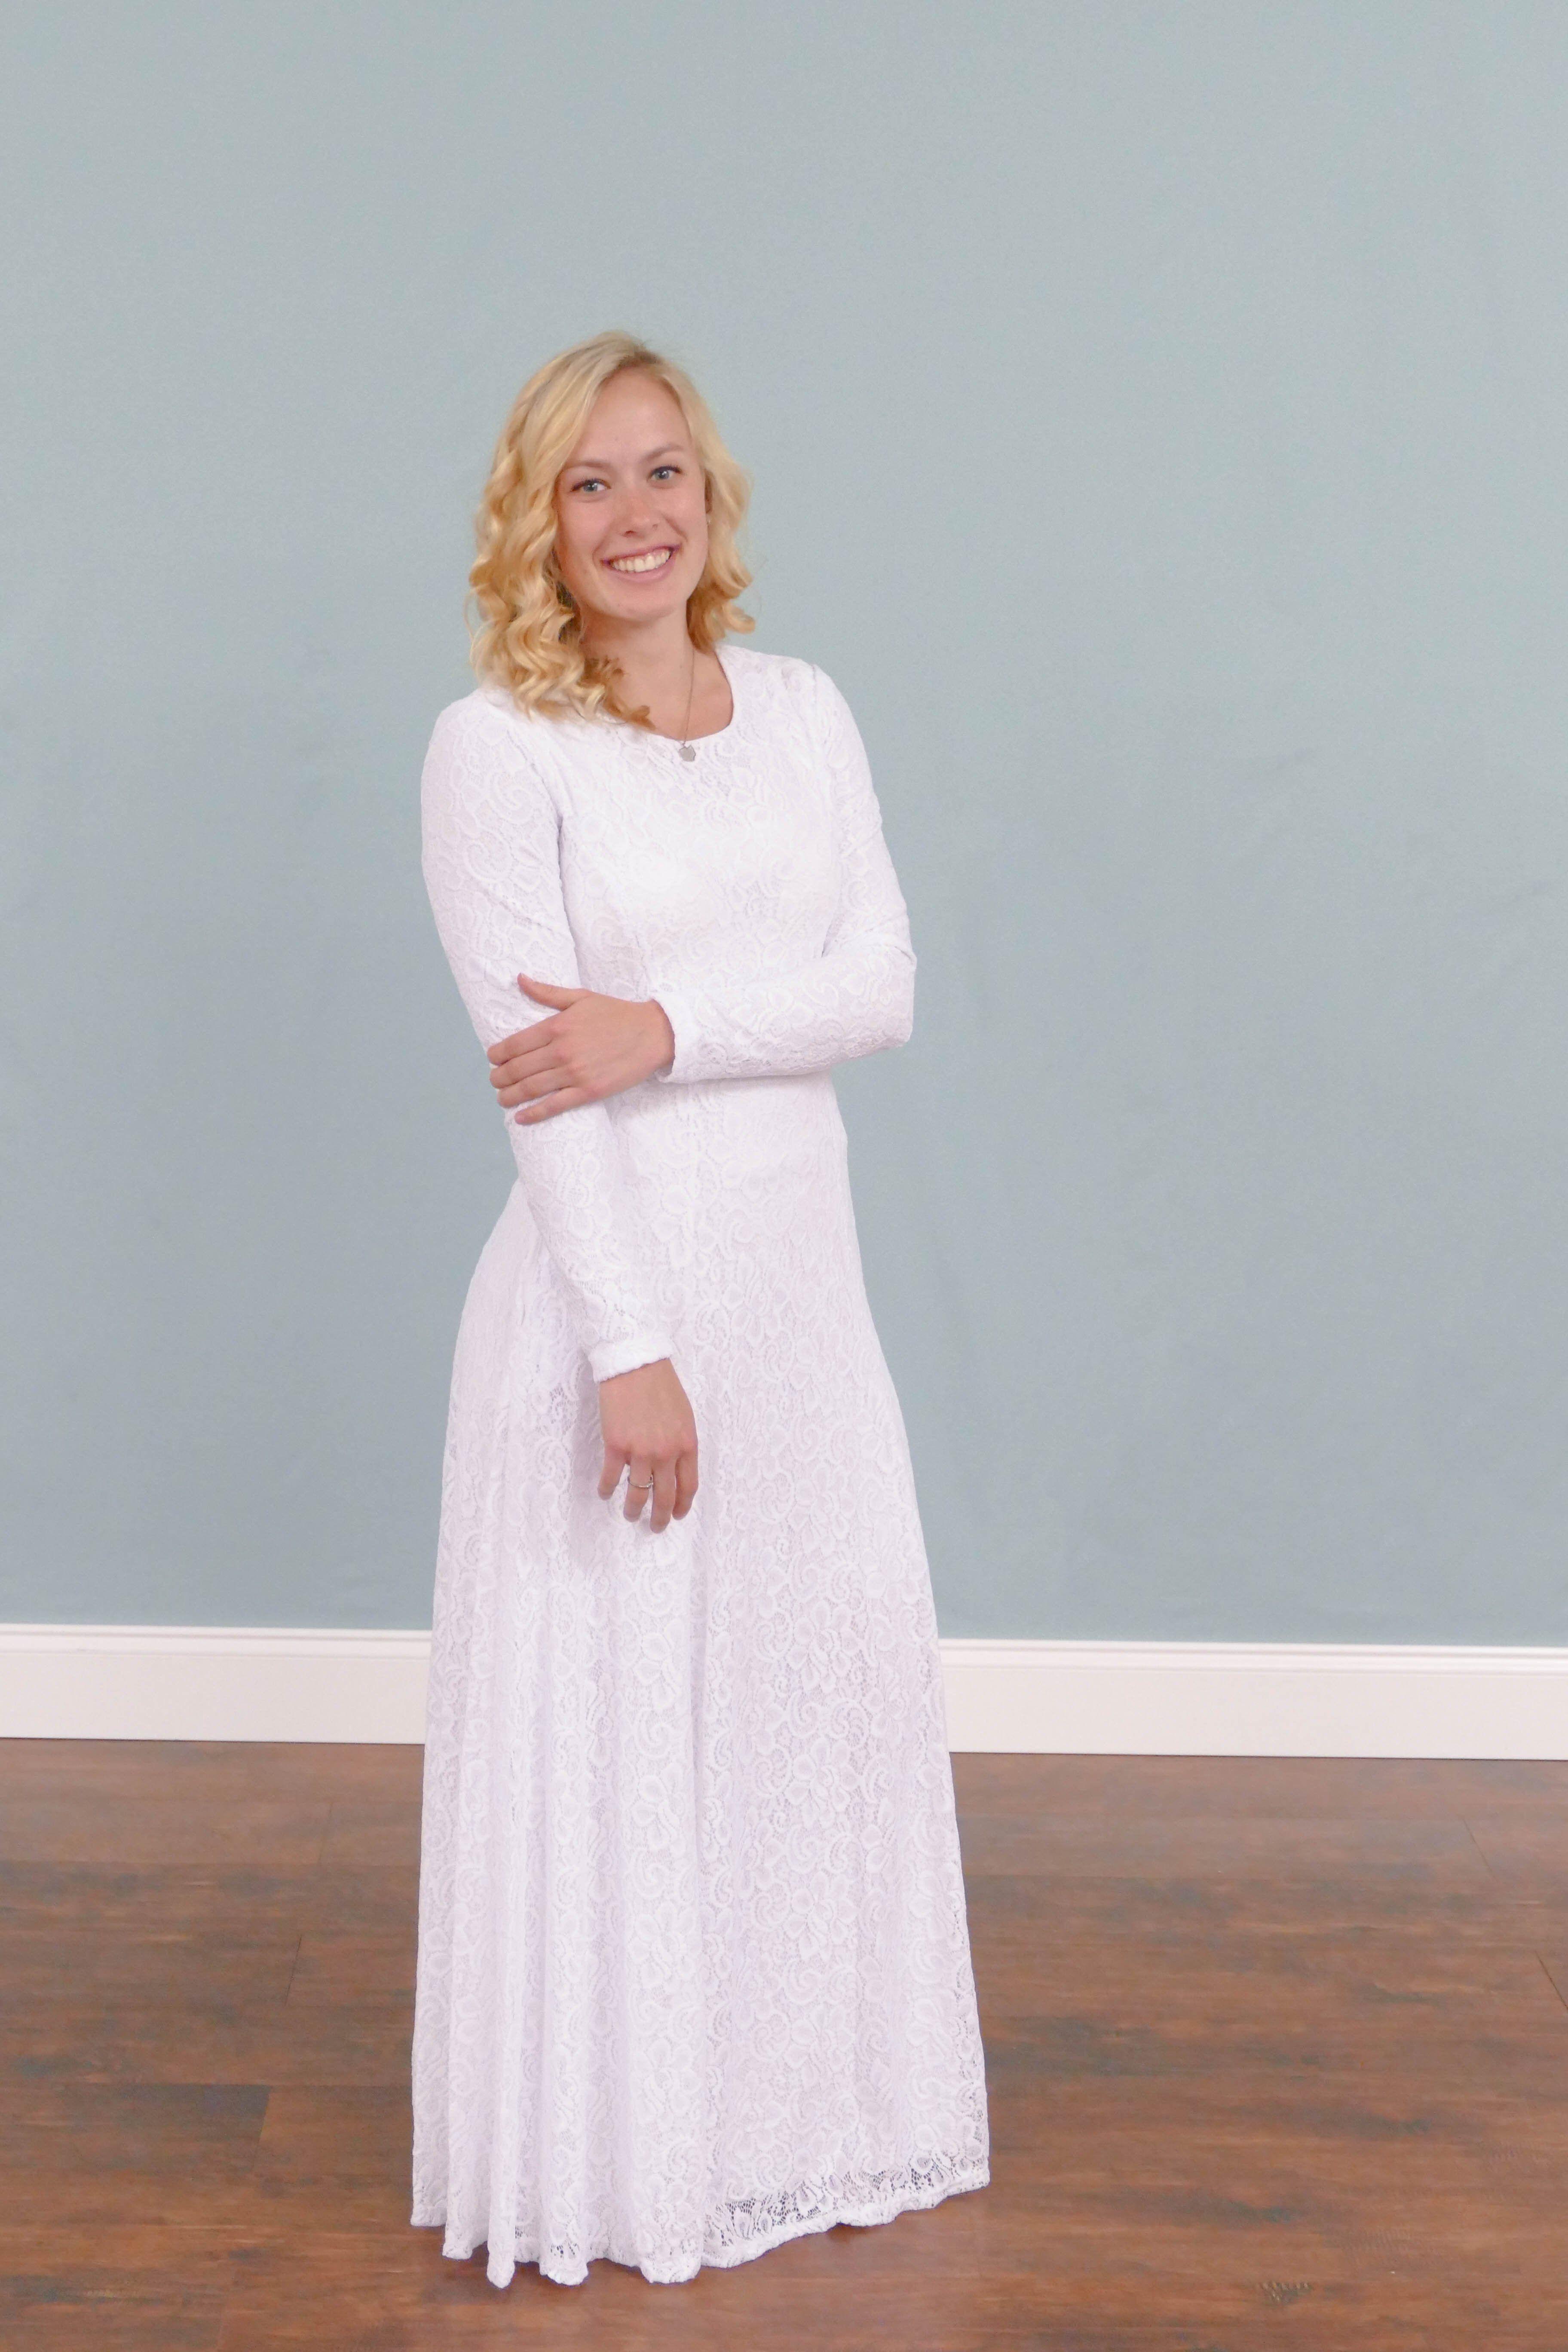 Laurice Temple Dress Temple Dress Modest White Dress Lds Temple Dress [ 5472 x 3648 Pixel ]